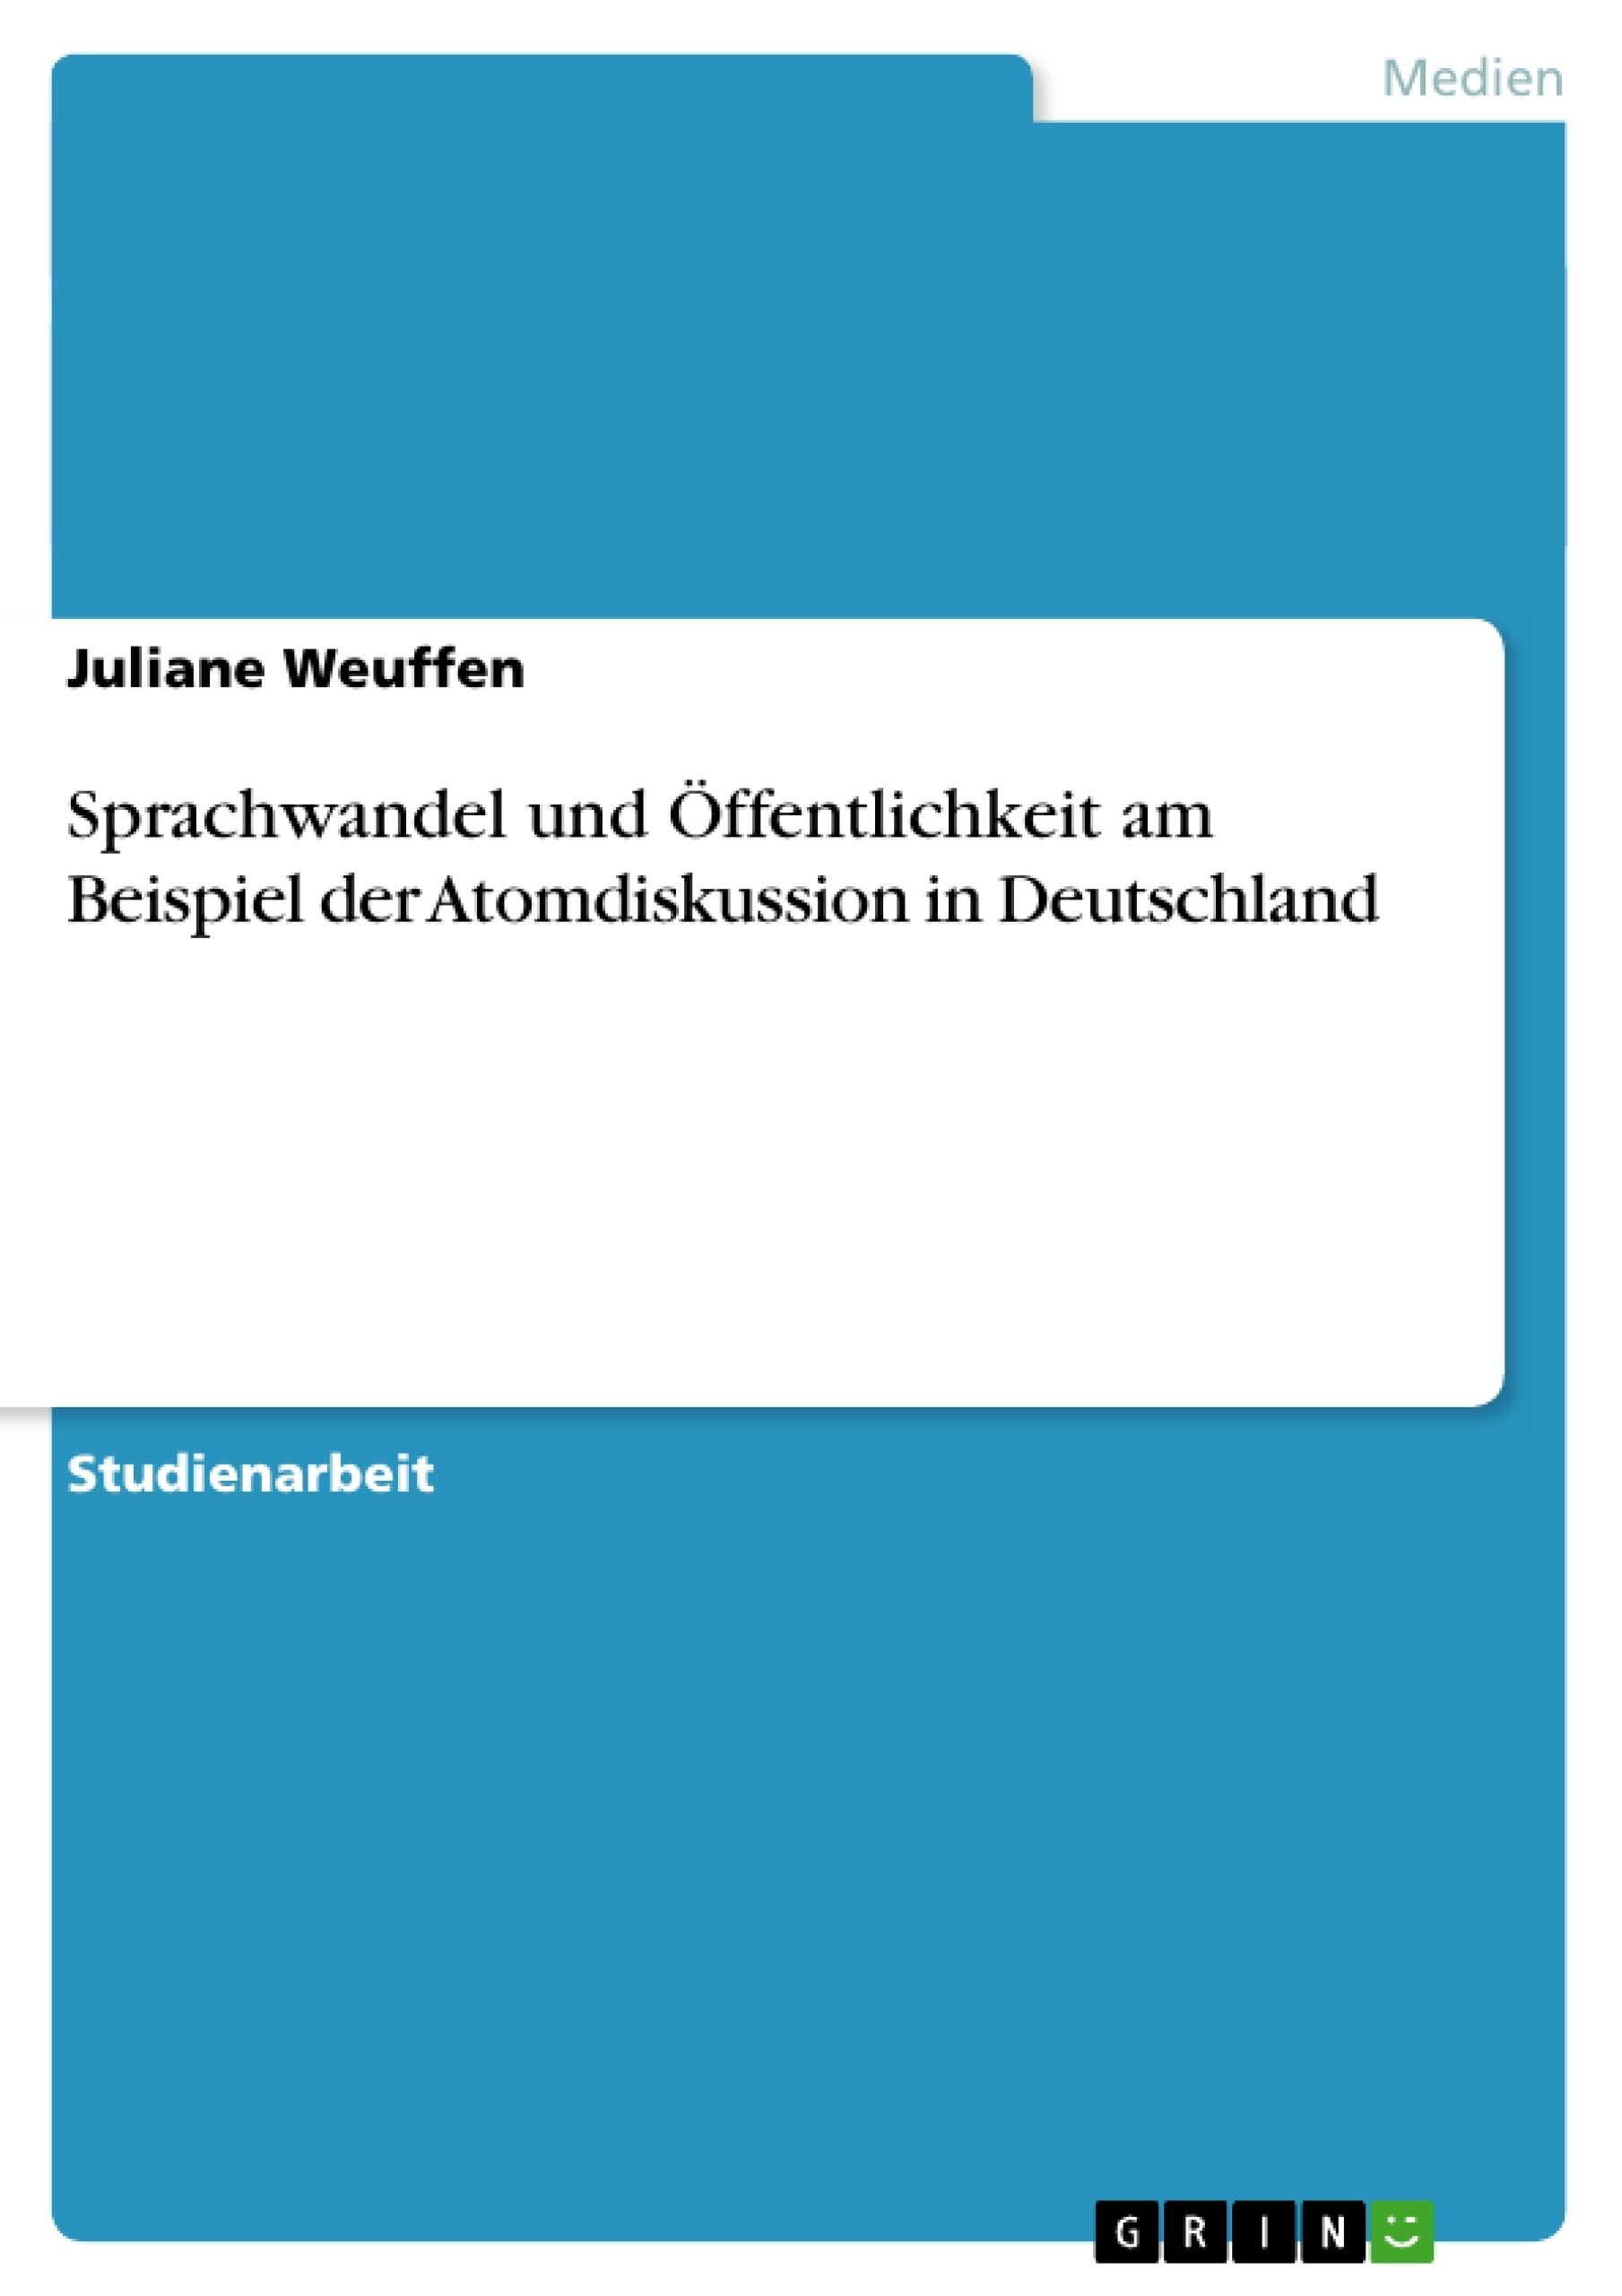 Titel: Sprachwandel und Öffentlichkeit am Beispiel der Atomdiskussion in Deutschland